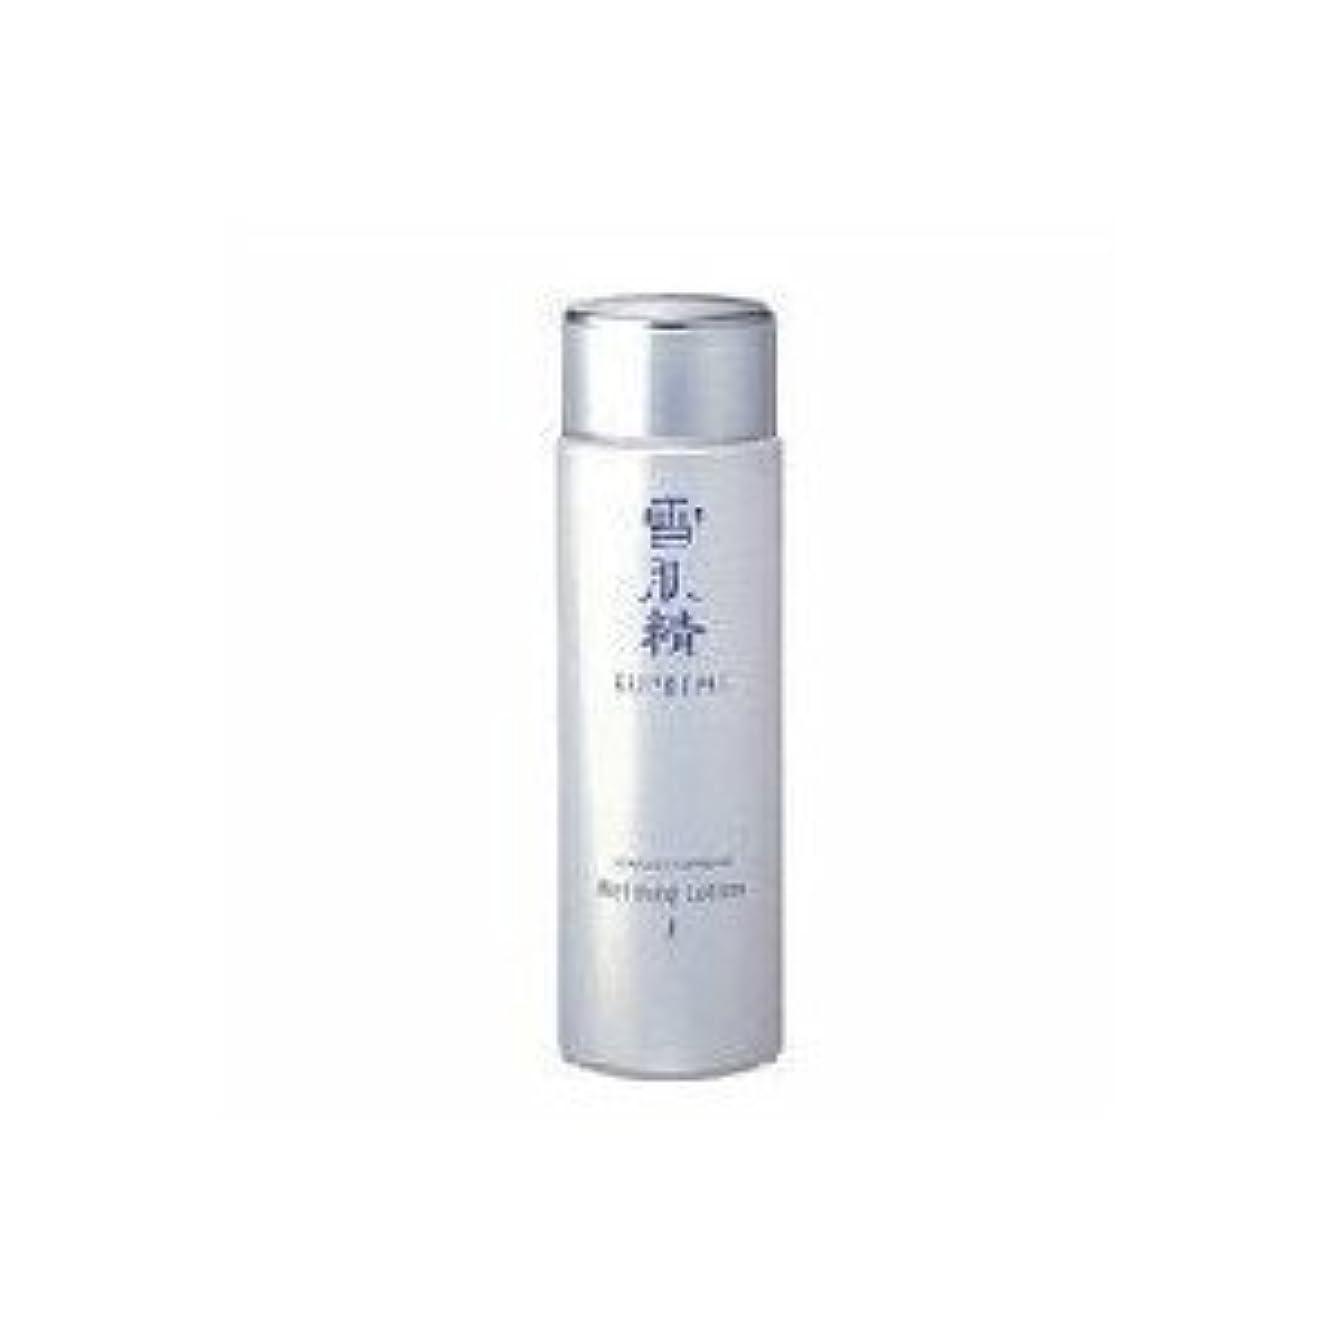 硫黄聖人動力学限定品 コーセー 雪肌精 シュープレム 化粧水 II 400ml